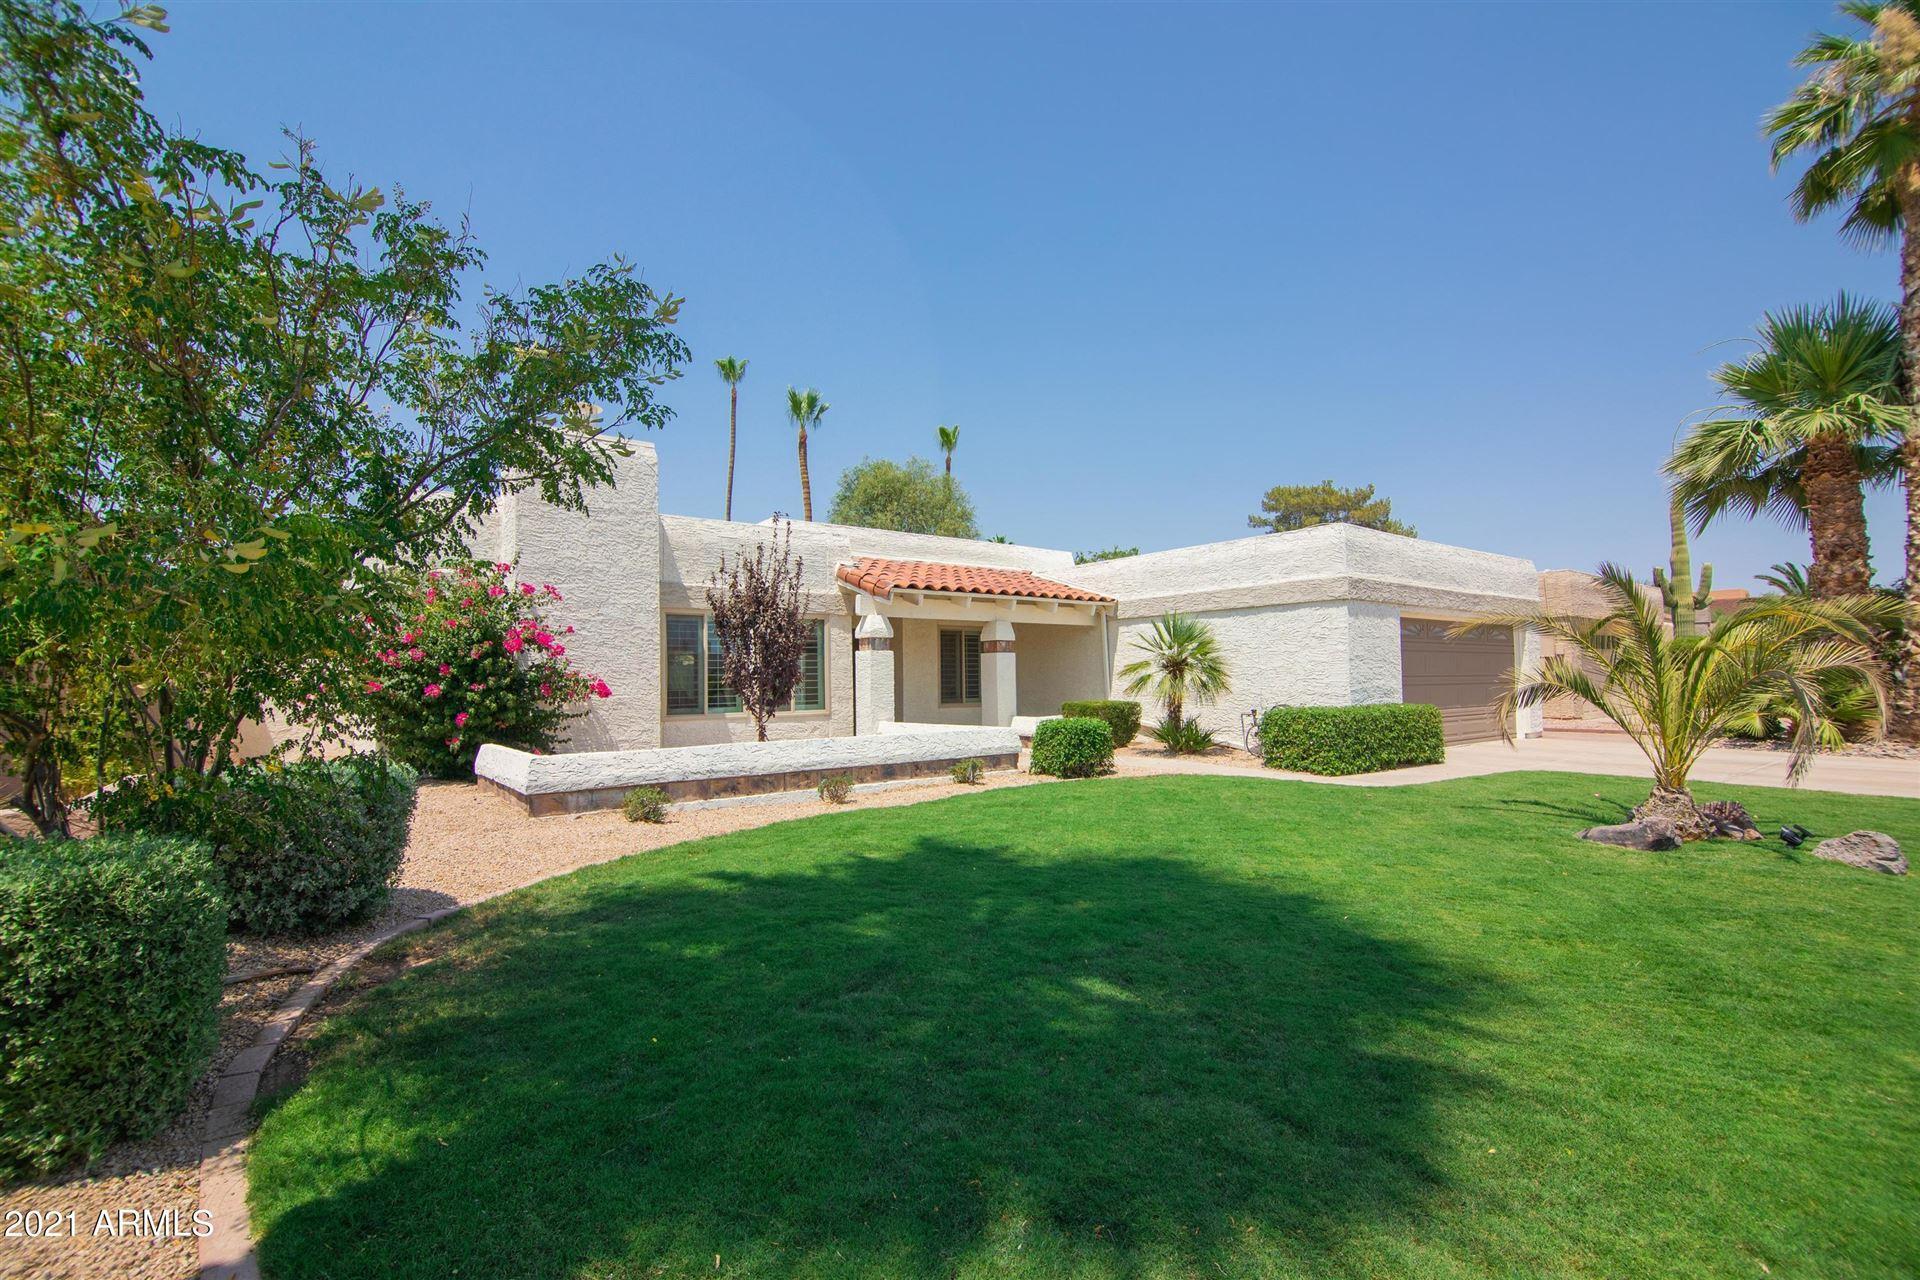 8718 E SAN BRUNO Drive, Scottsdale, AZ 85258 - MLS#: 6264249